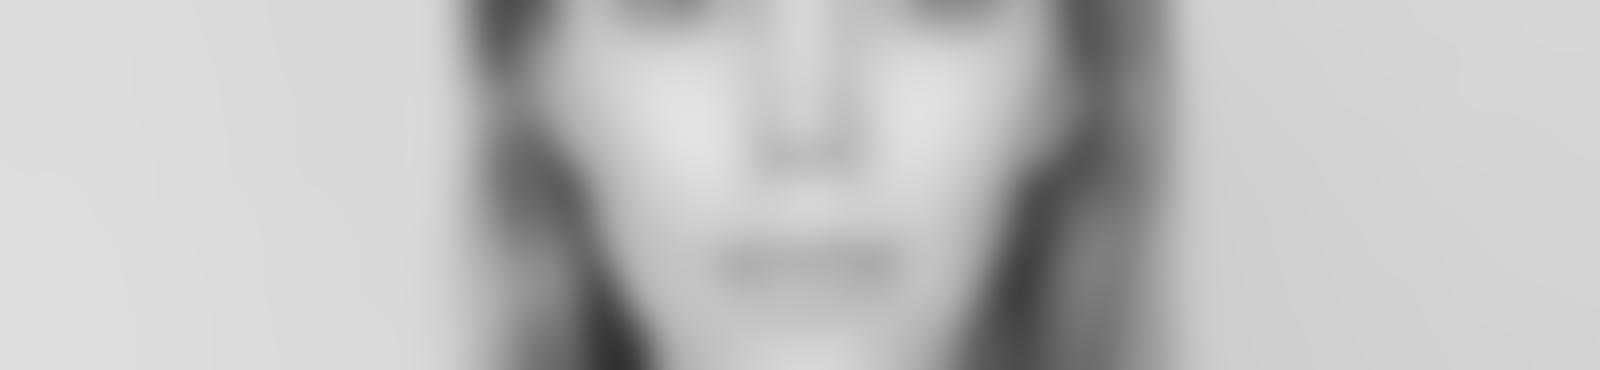 Blurred 606f5082 d3a8 4721 a279 6f3d810ae99f